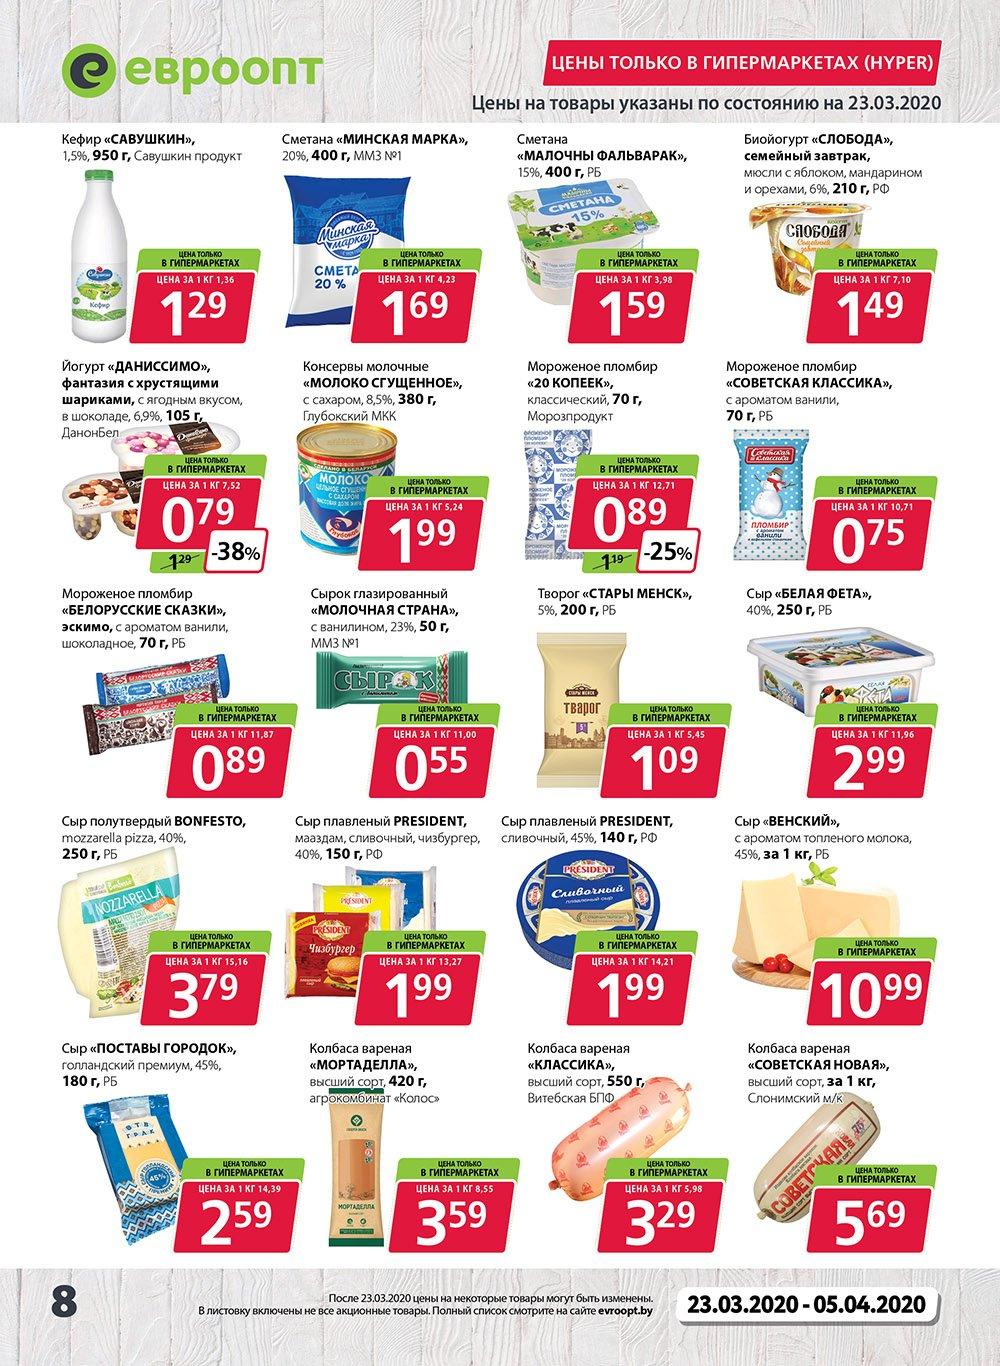 Красная цена на молочную продукцию, масло, соусы в евроопт